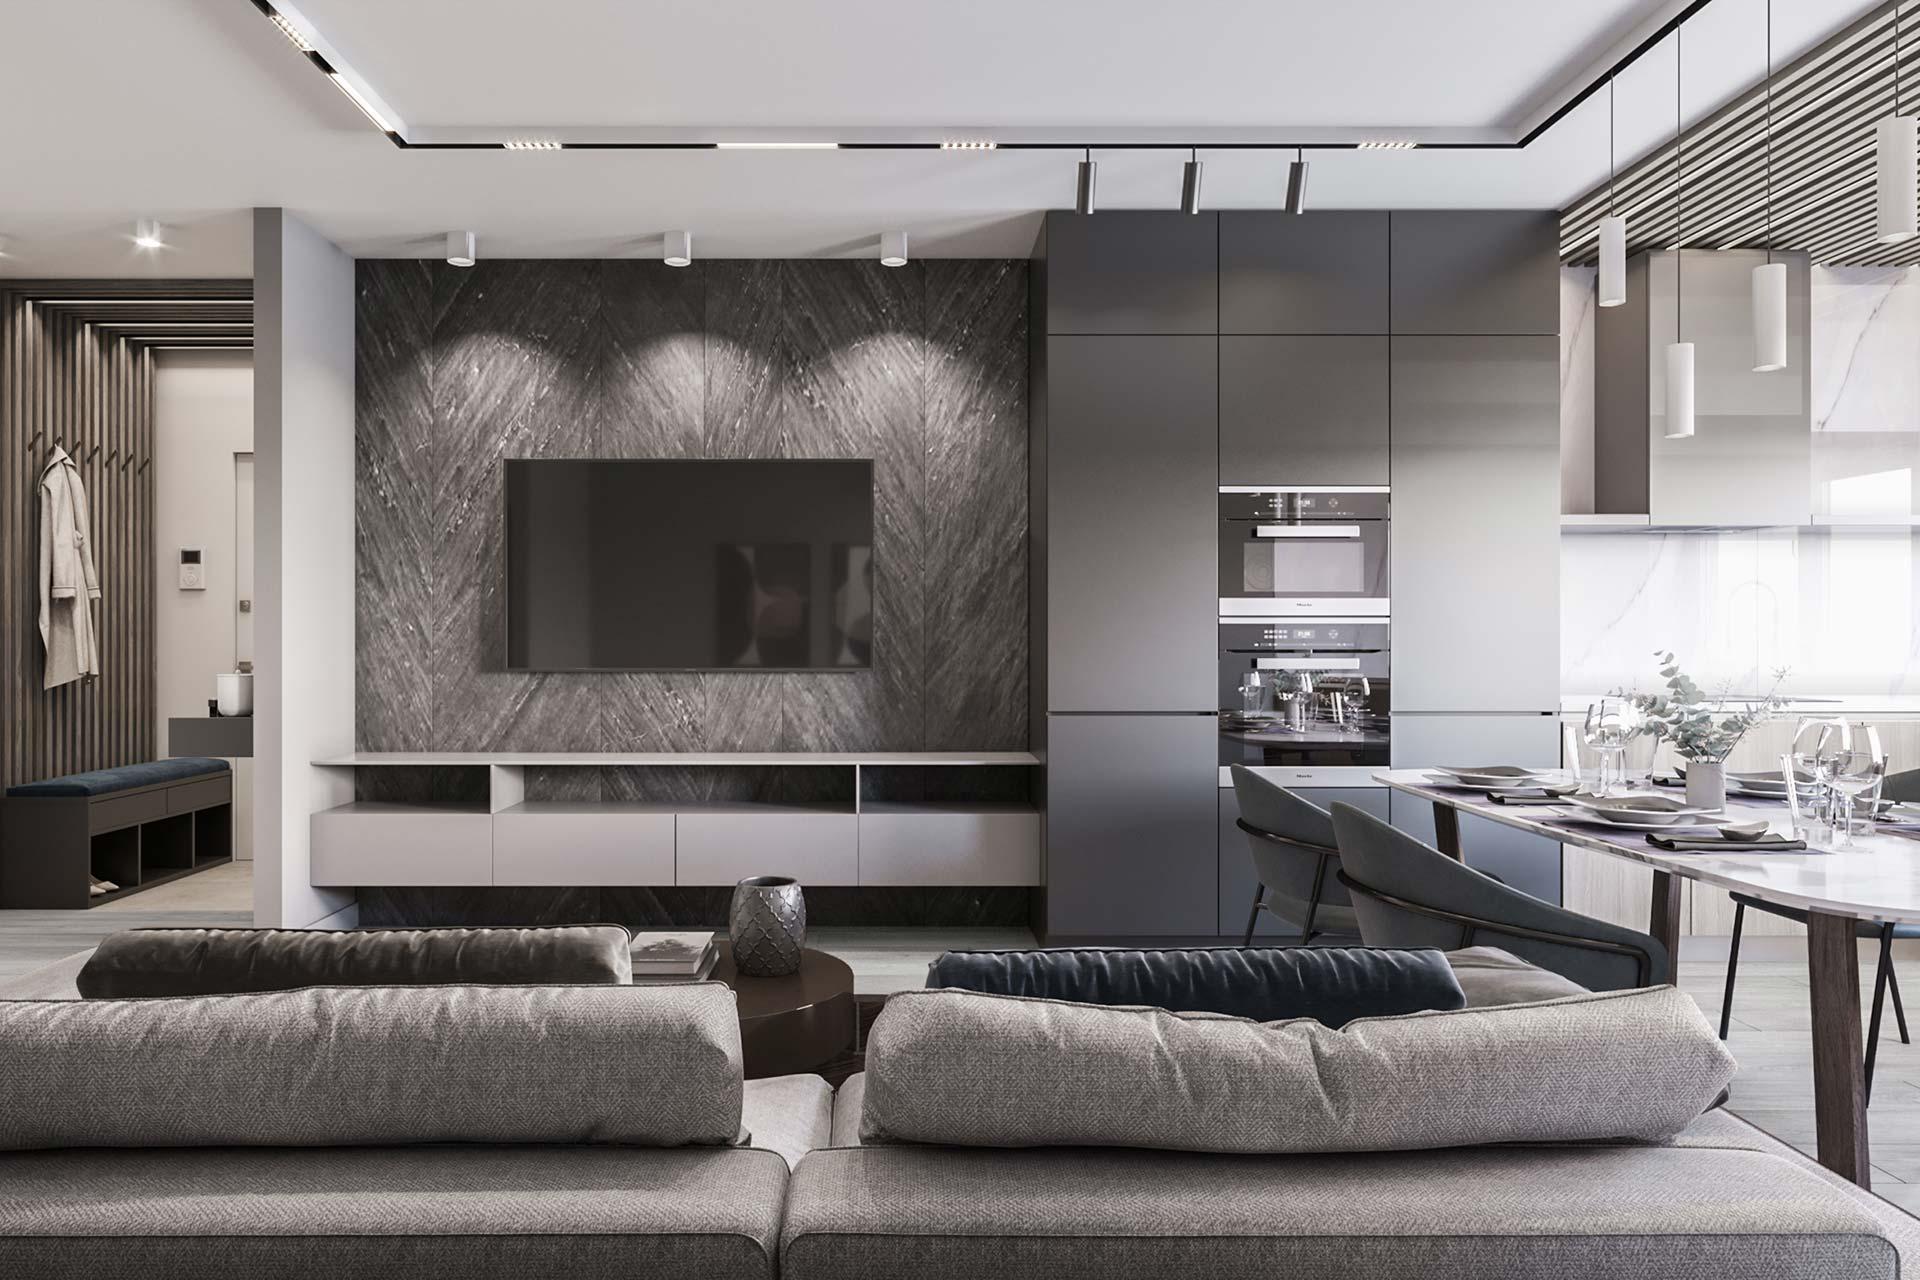 Дизайн интерьера большой квартиры в современном стиле